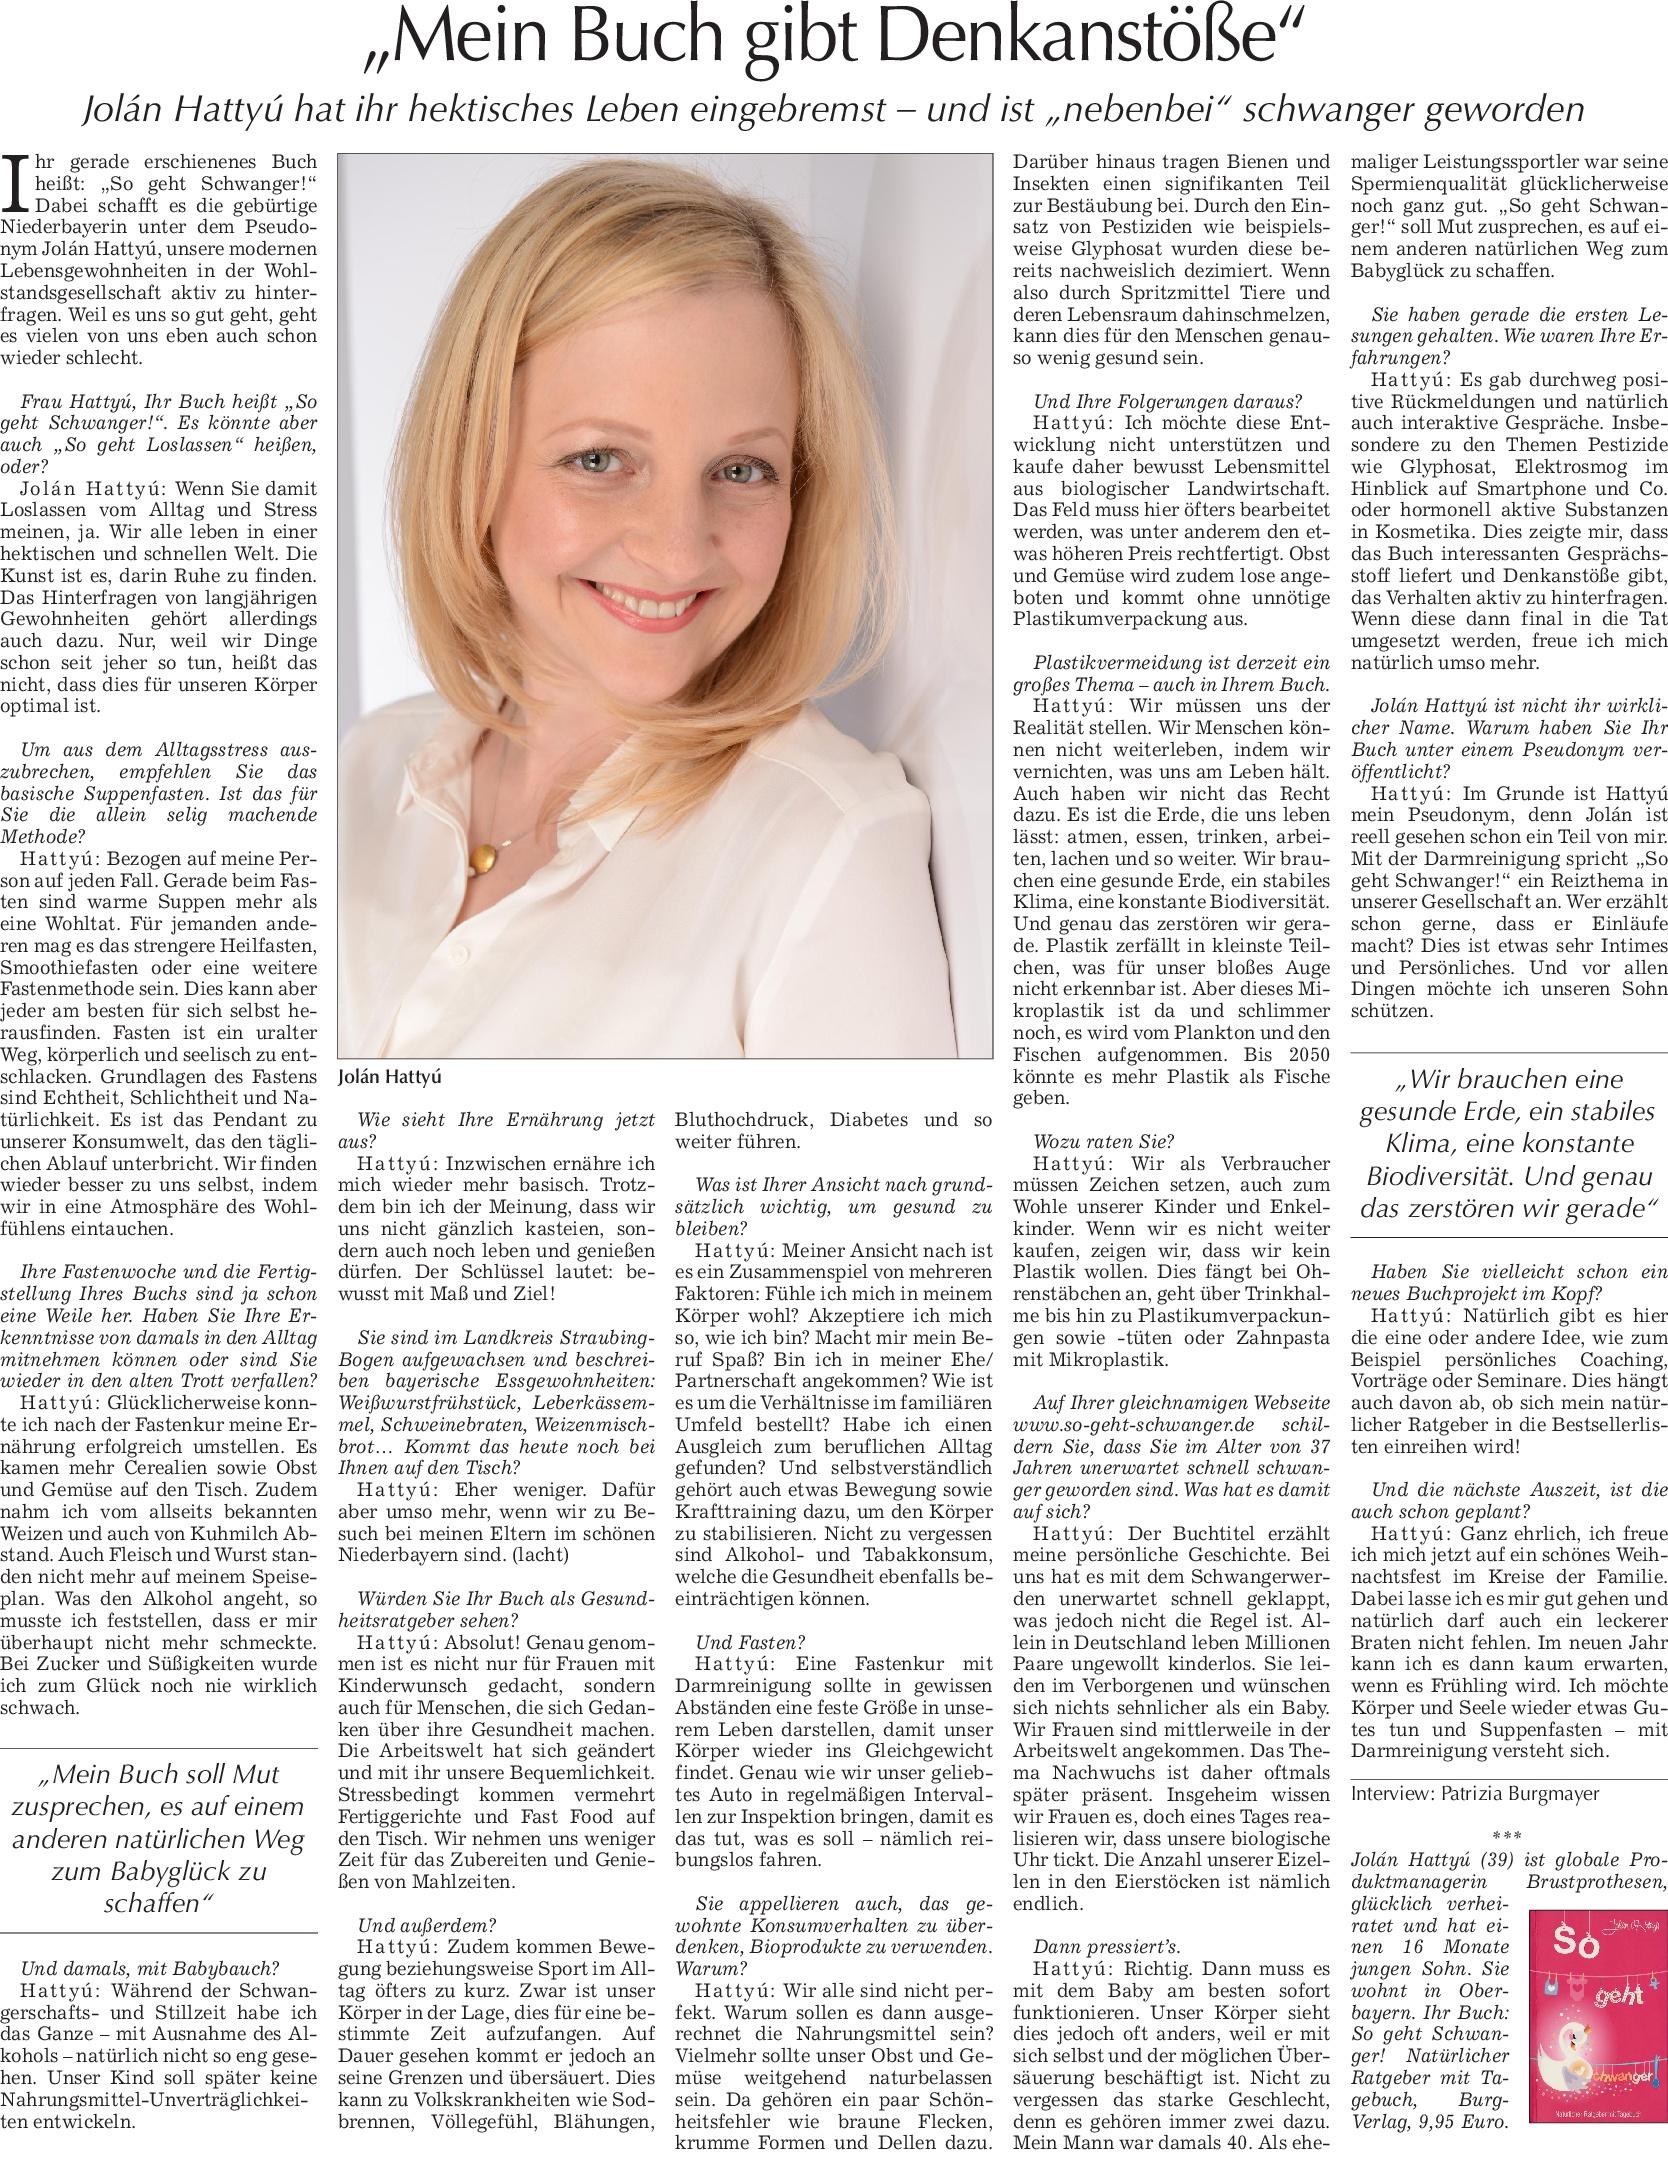 Interview Mediengruppe Straubinger Tagblatt/Landshuter Zeitung